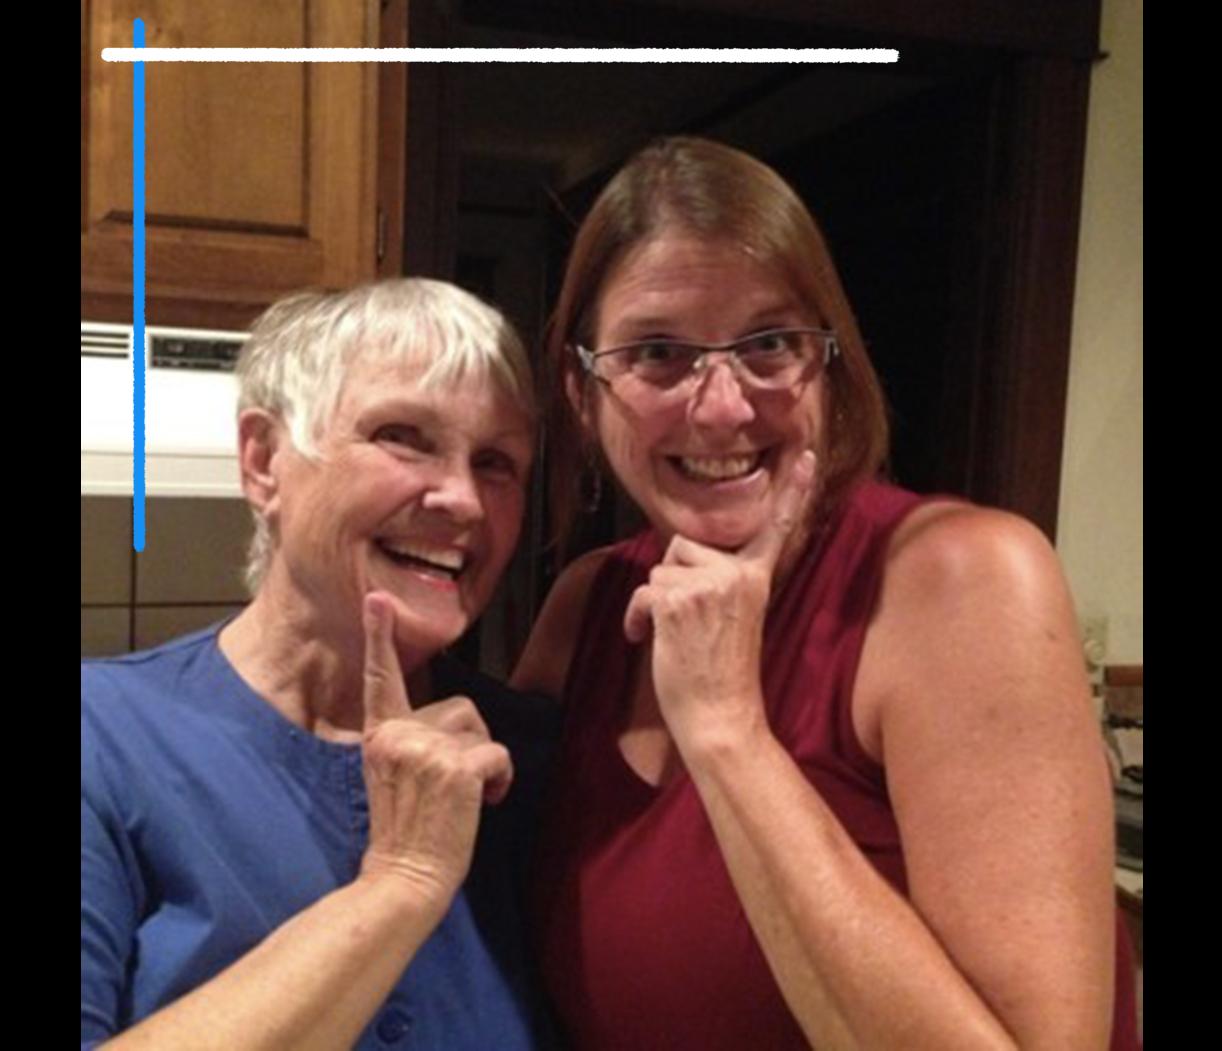 Carol Stanton, left, and Karen Zalmanek in Colorado Springs in 2016. (Family photo)